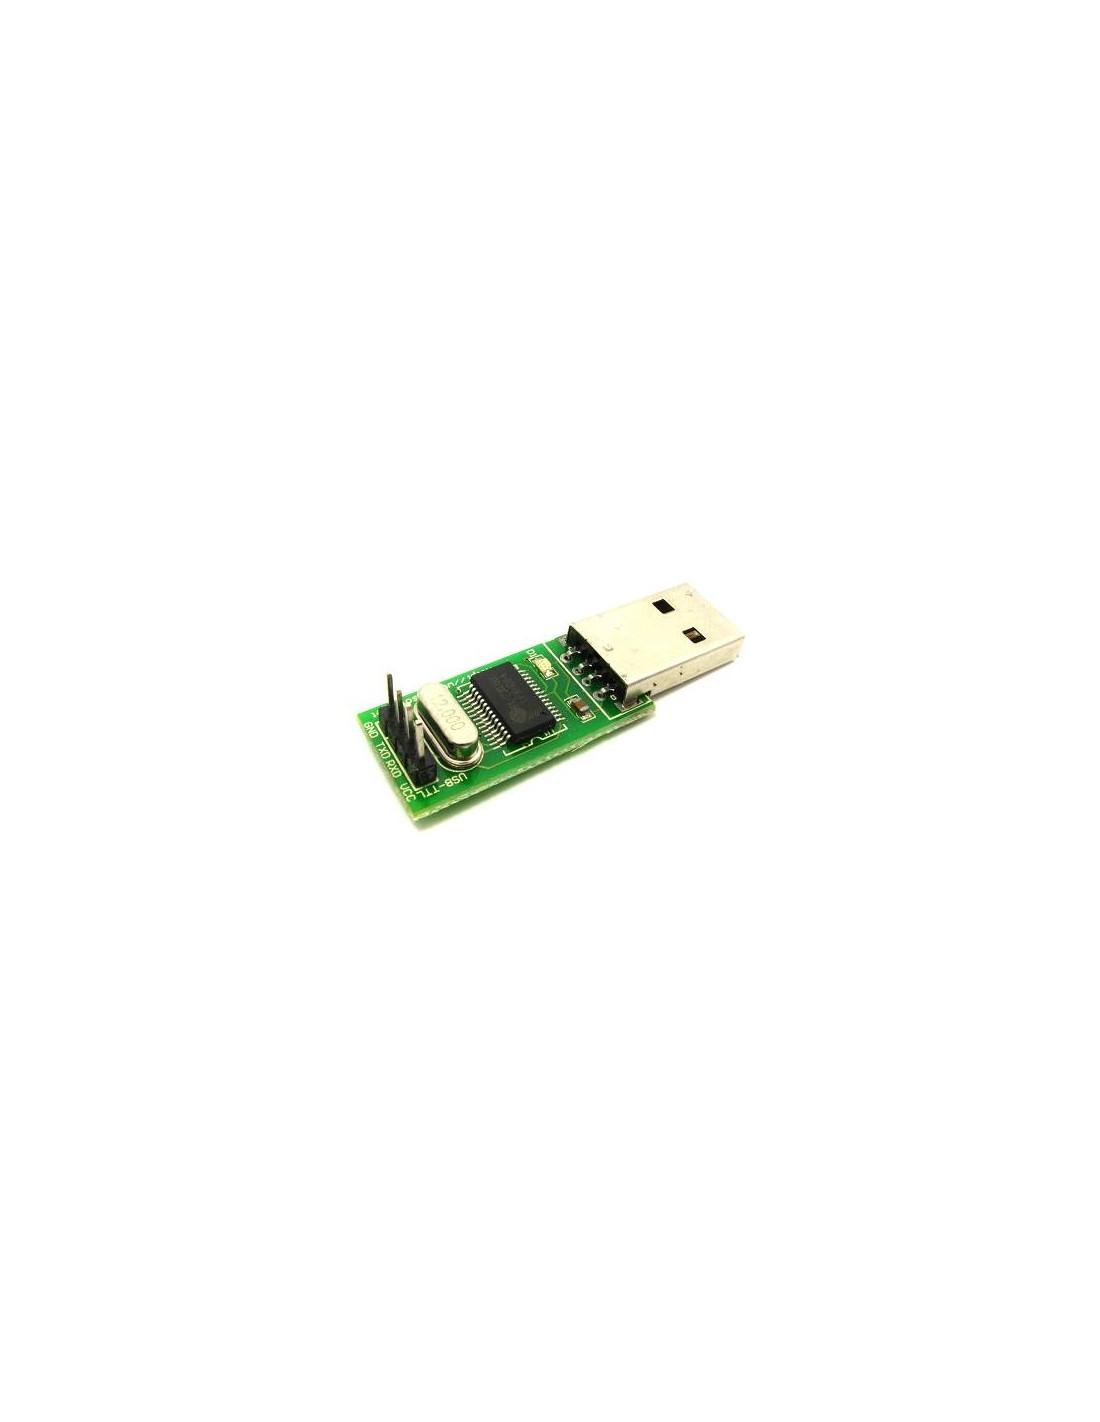 PL2303 USB to UART (TTL) breakout